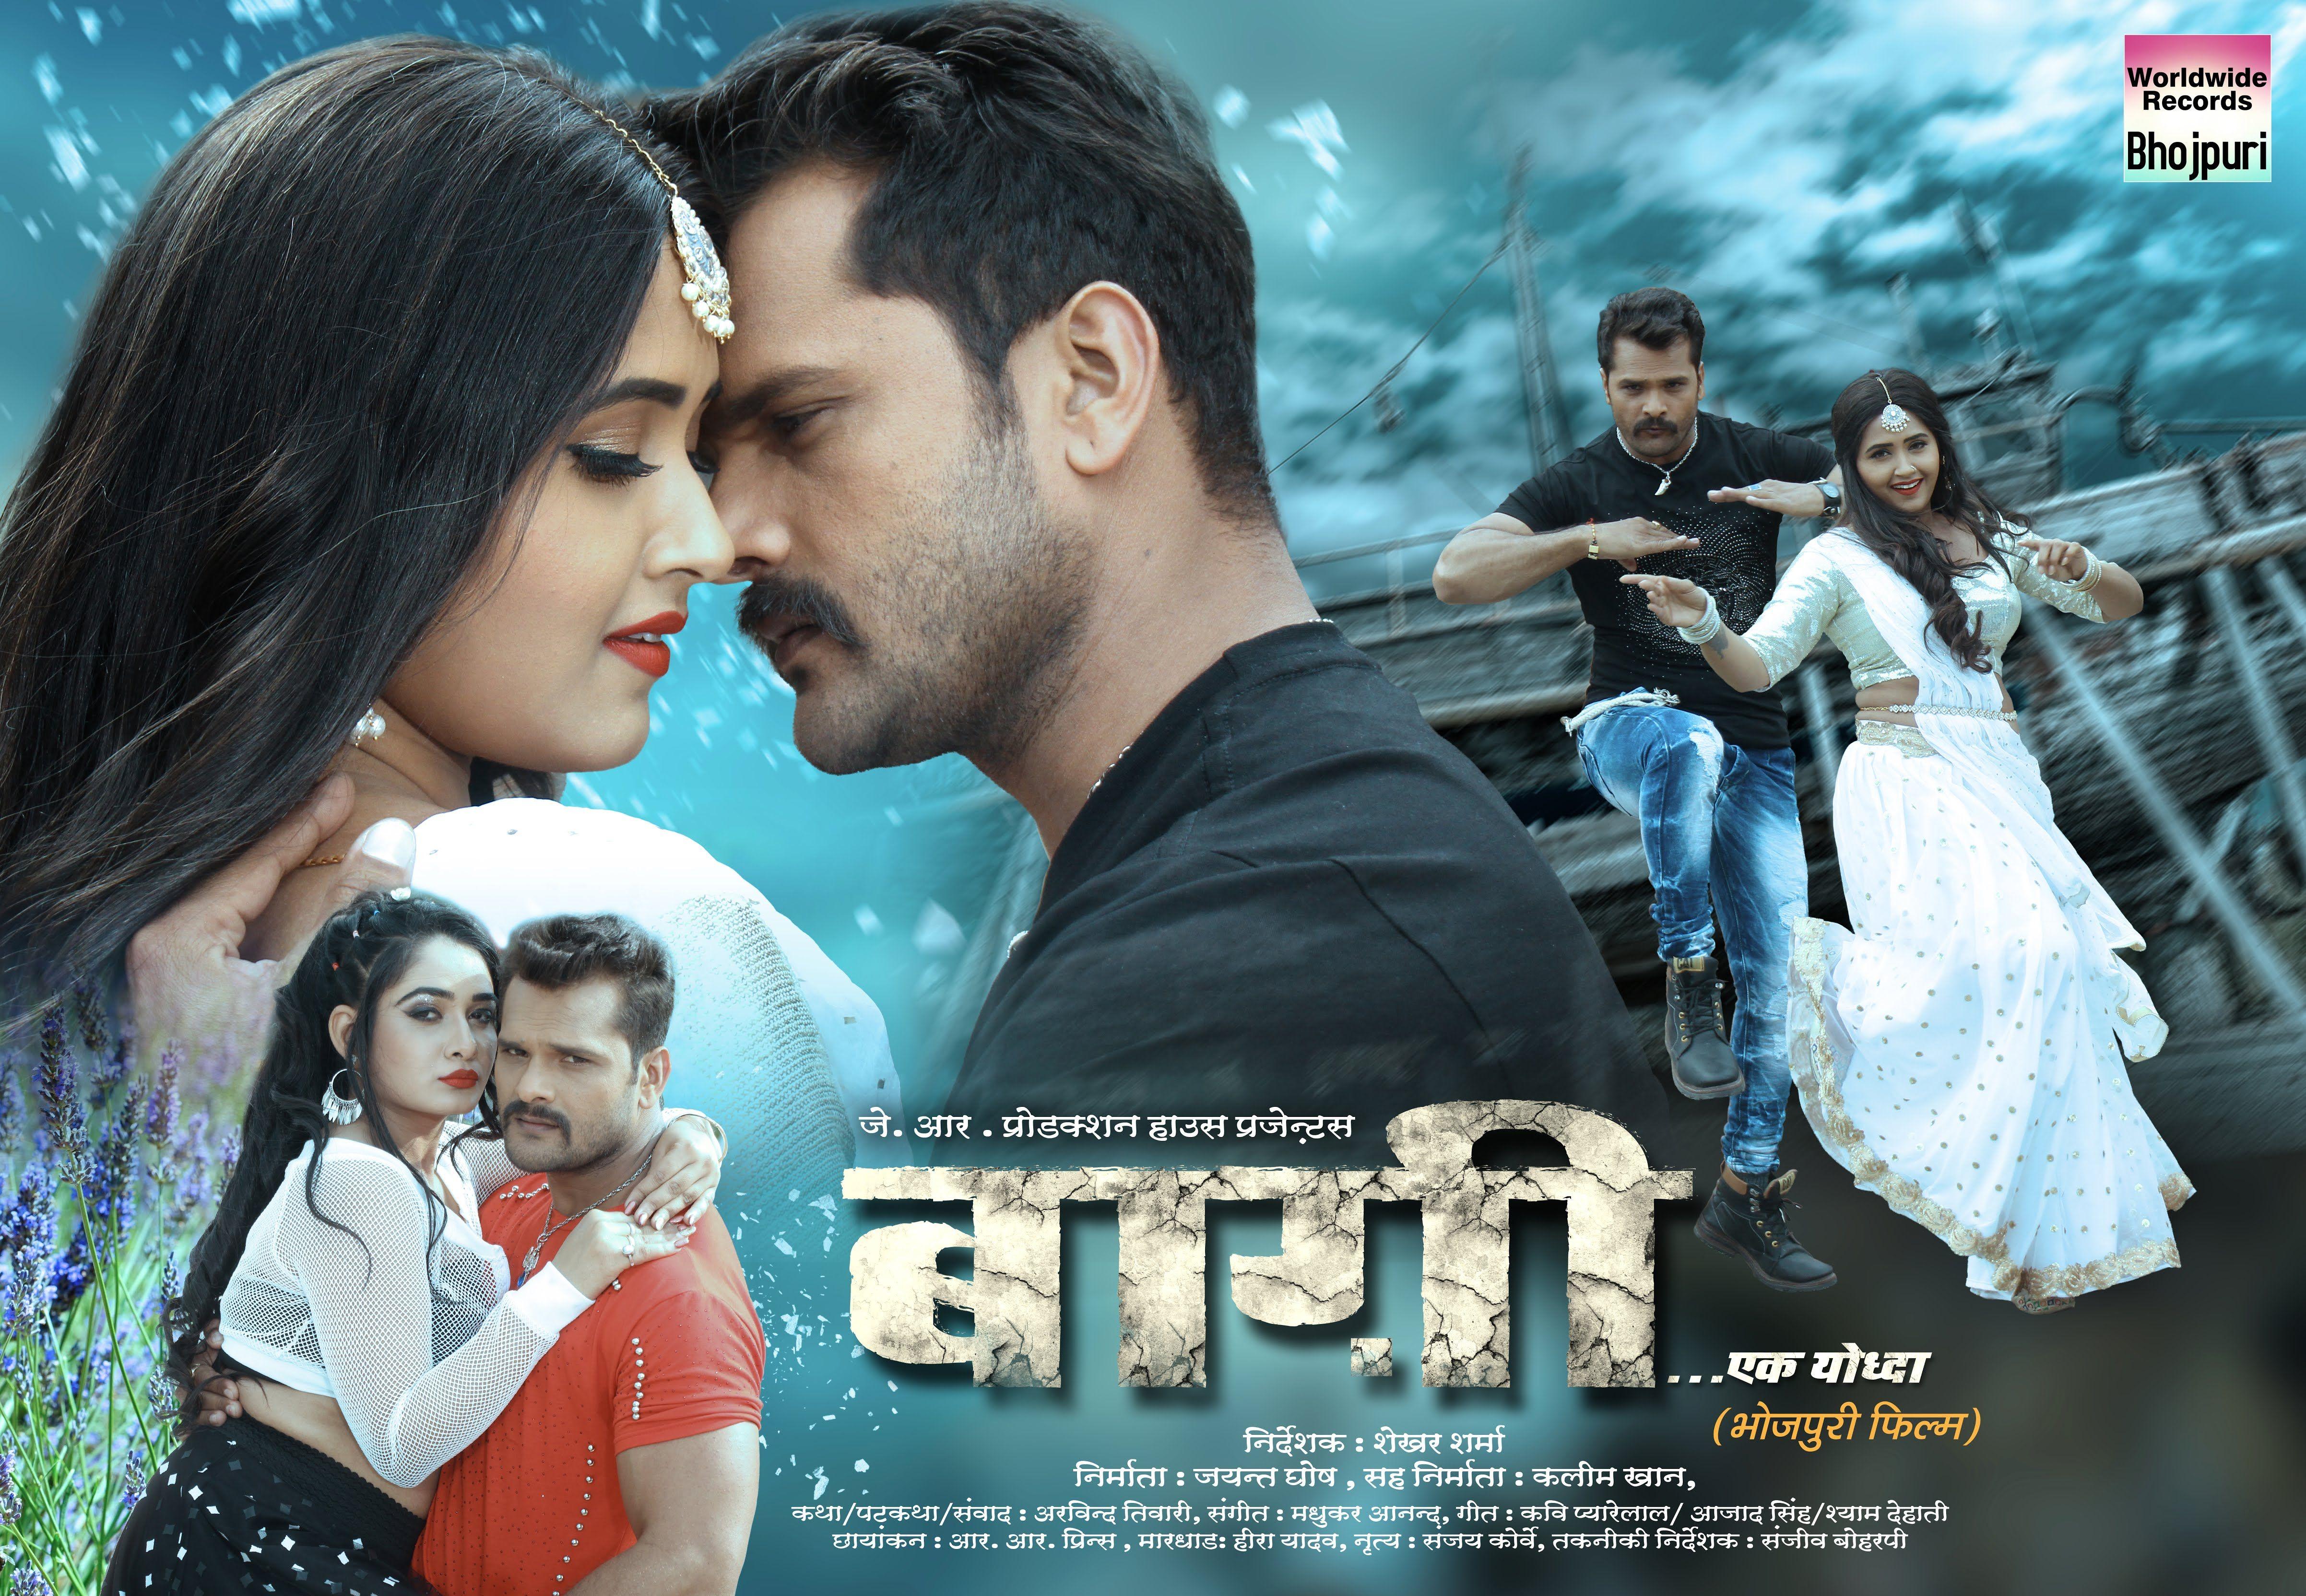 Baaghi Ek Yodha Download Free Movies Online Free Movies Online Free Movies